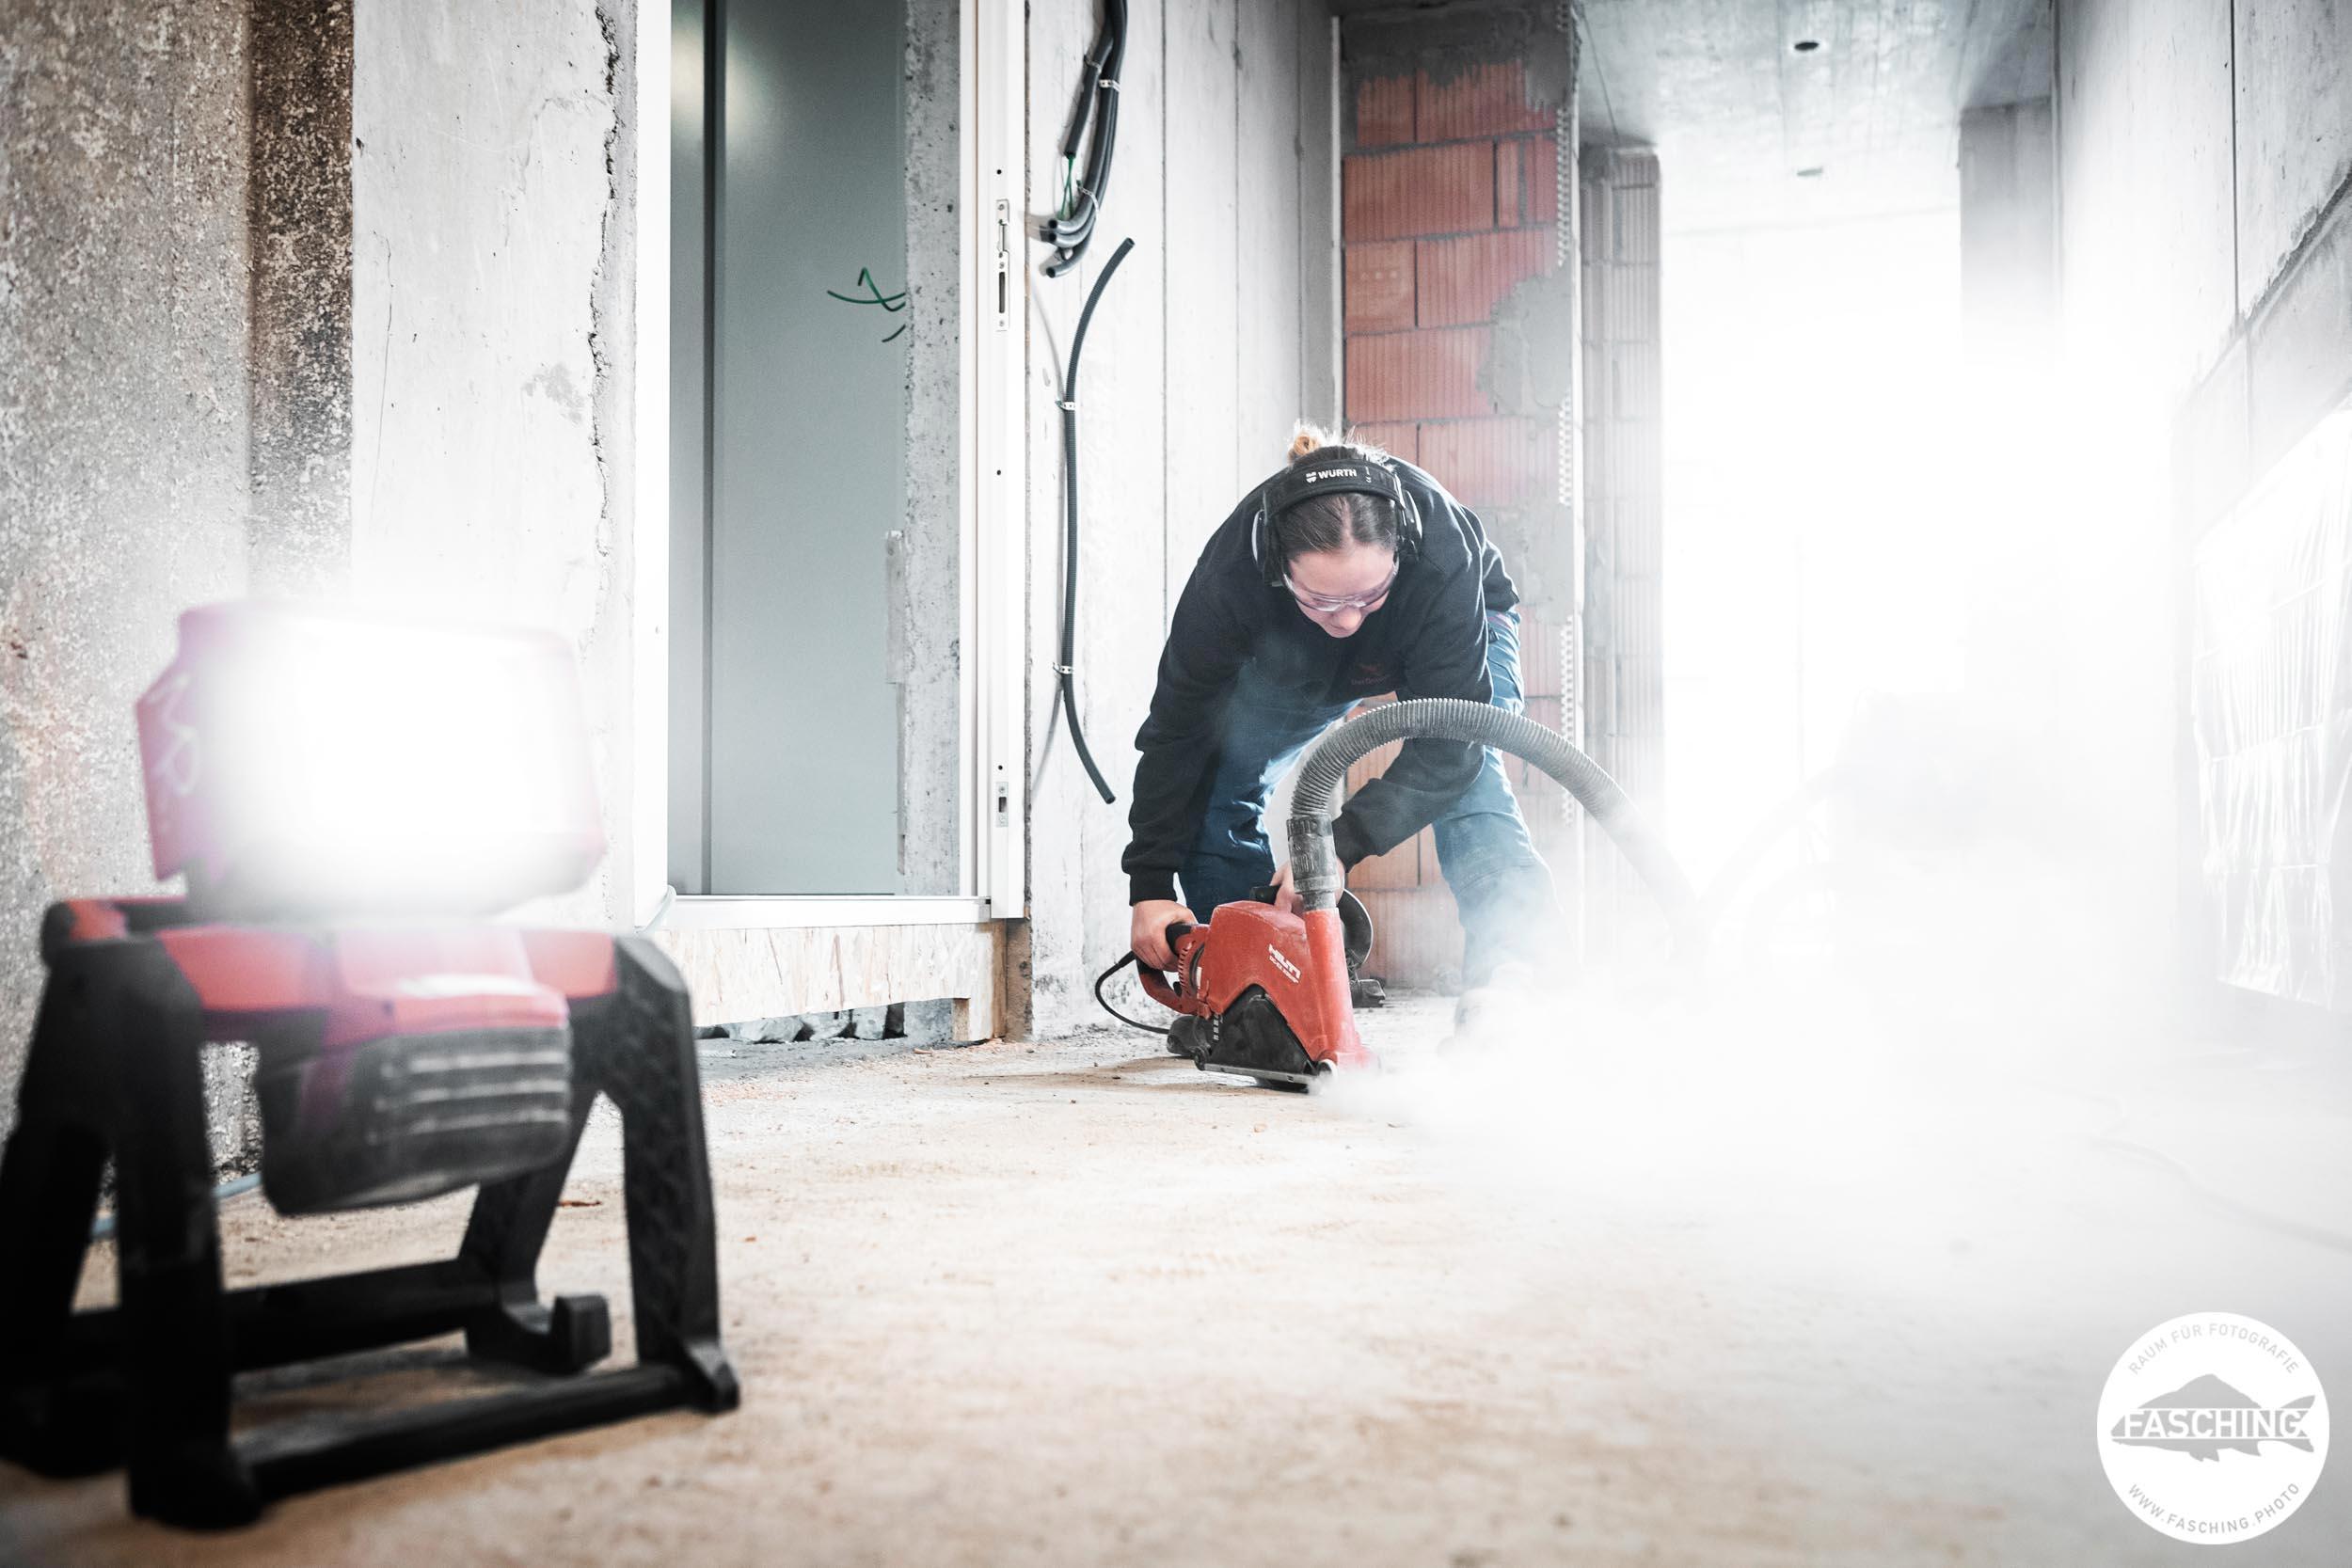 Unternehmensfotograf Luca Fasching hat einen Installateur beim flexen fotografiert